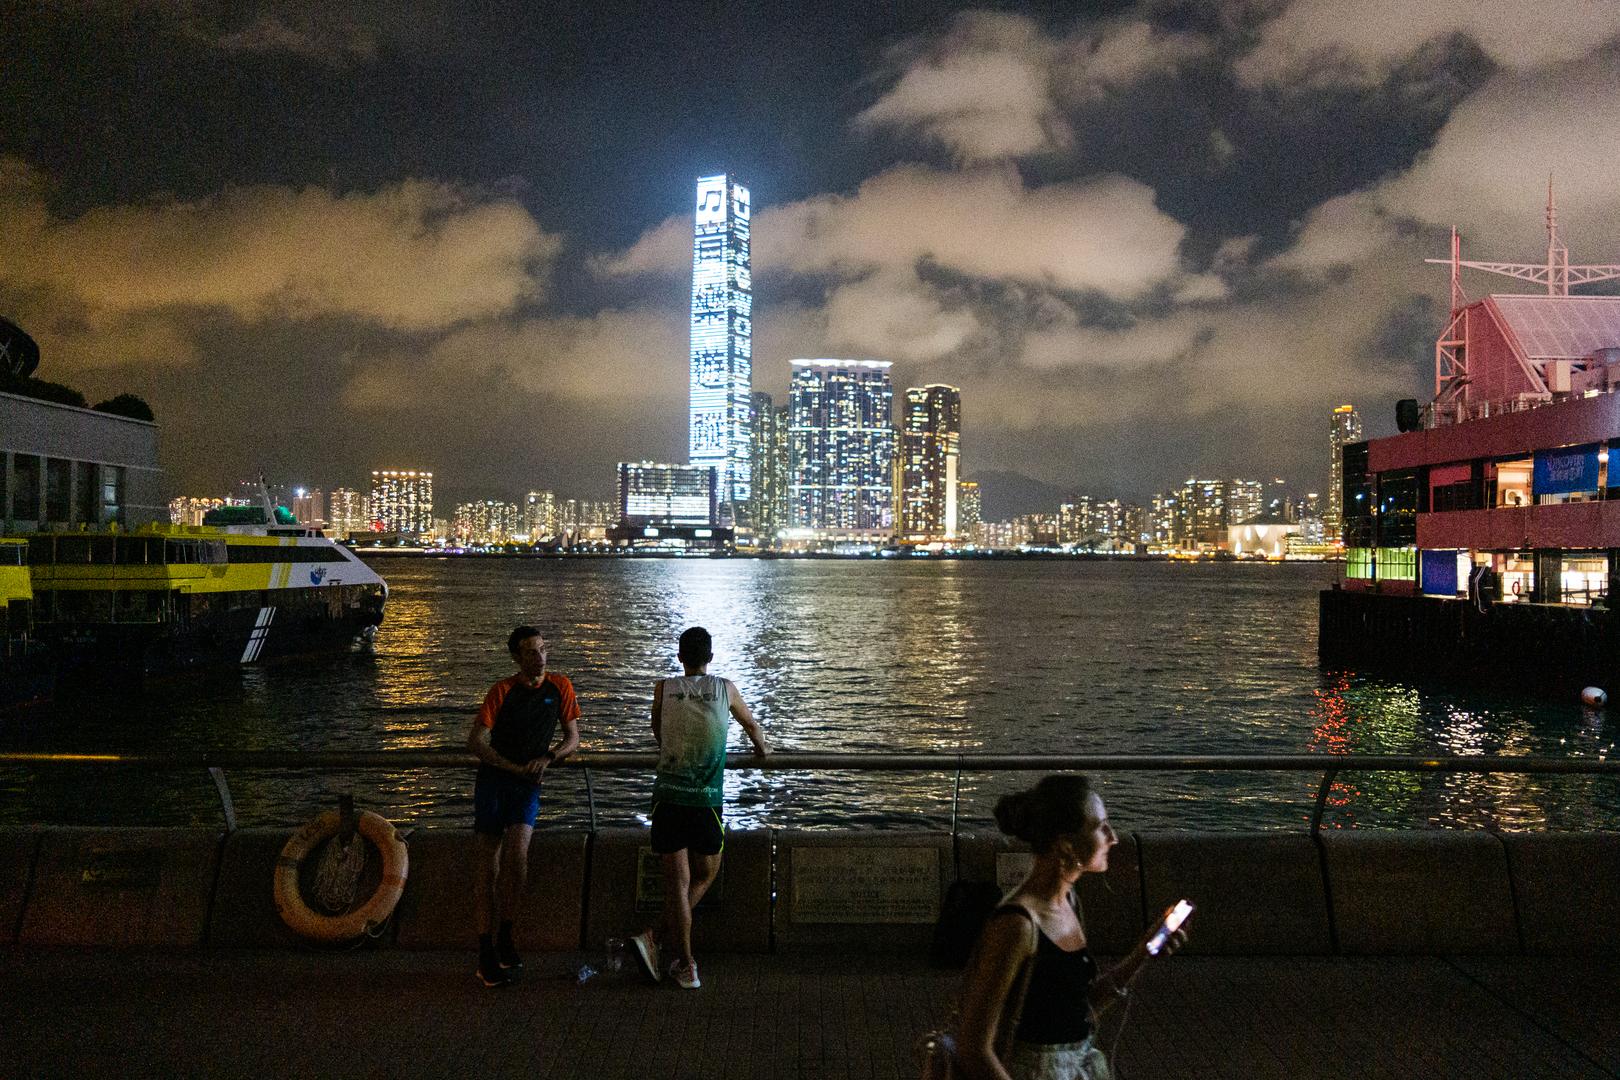 السفير الصيني لدى بريطانيا ينفي قمع الاحتجاجات في هونغ كونغ